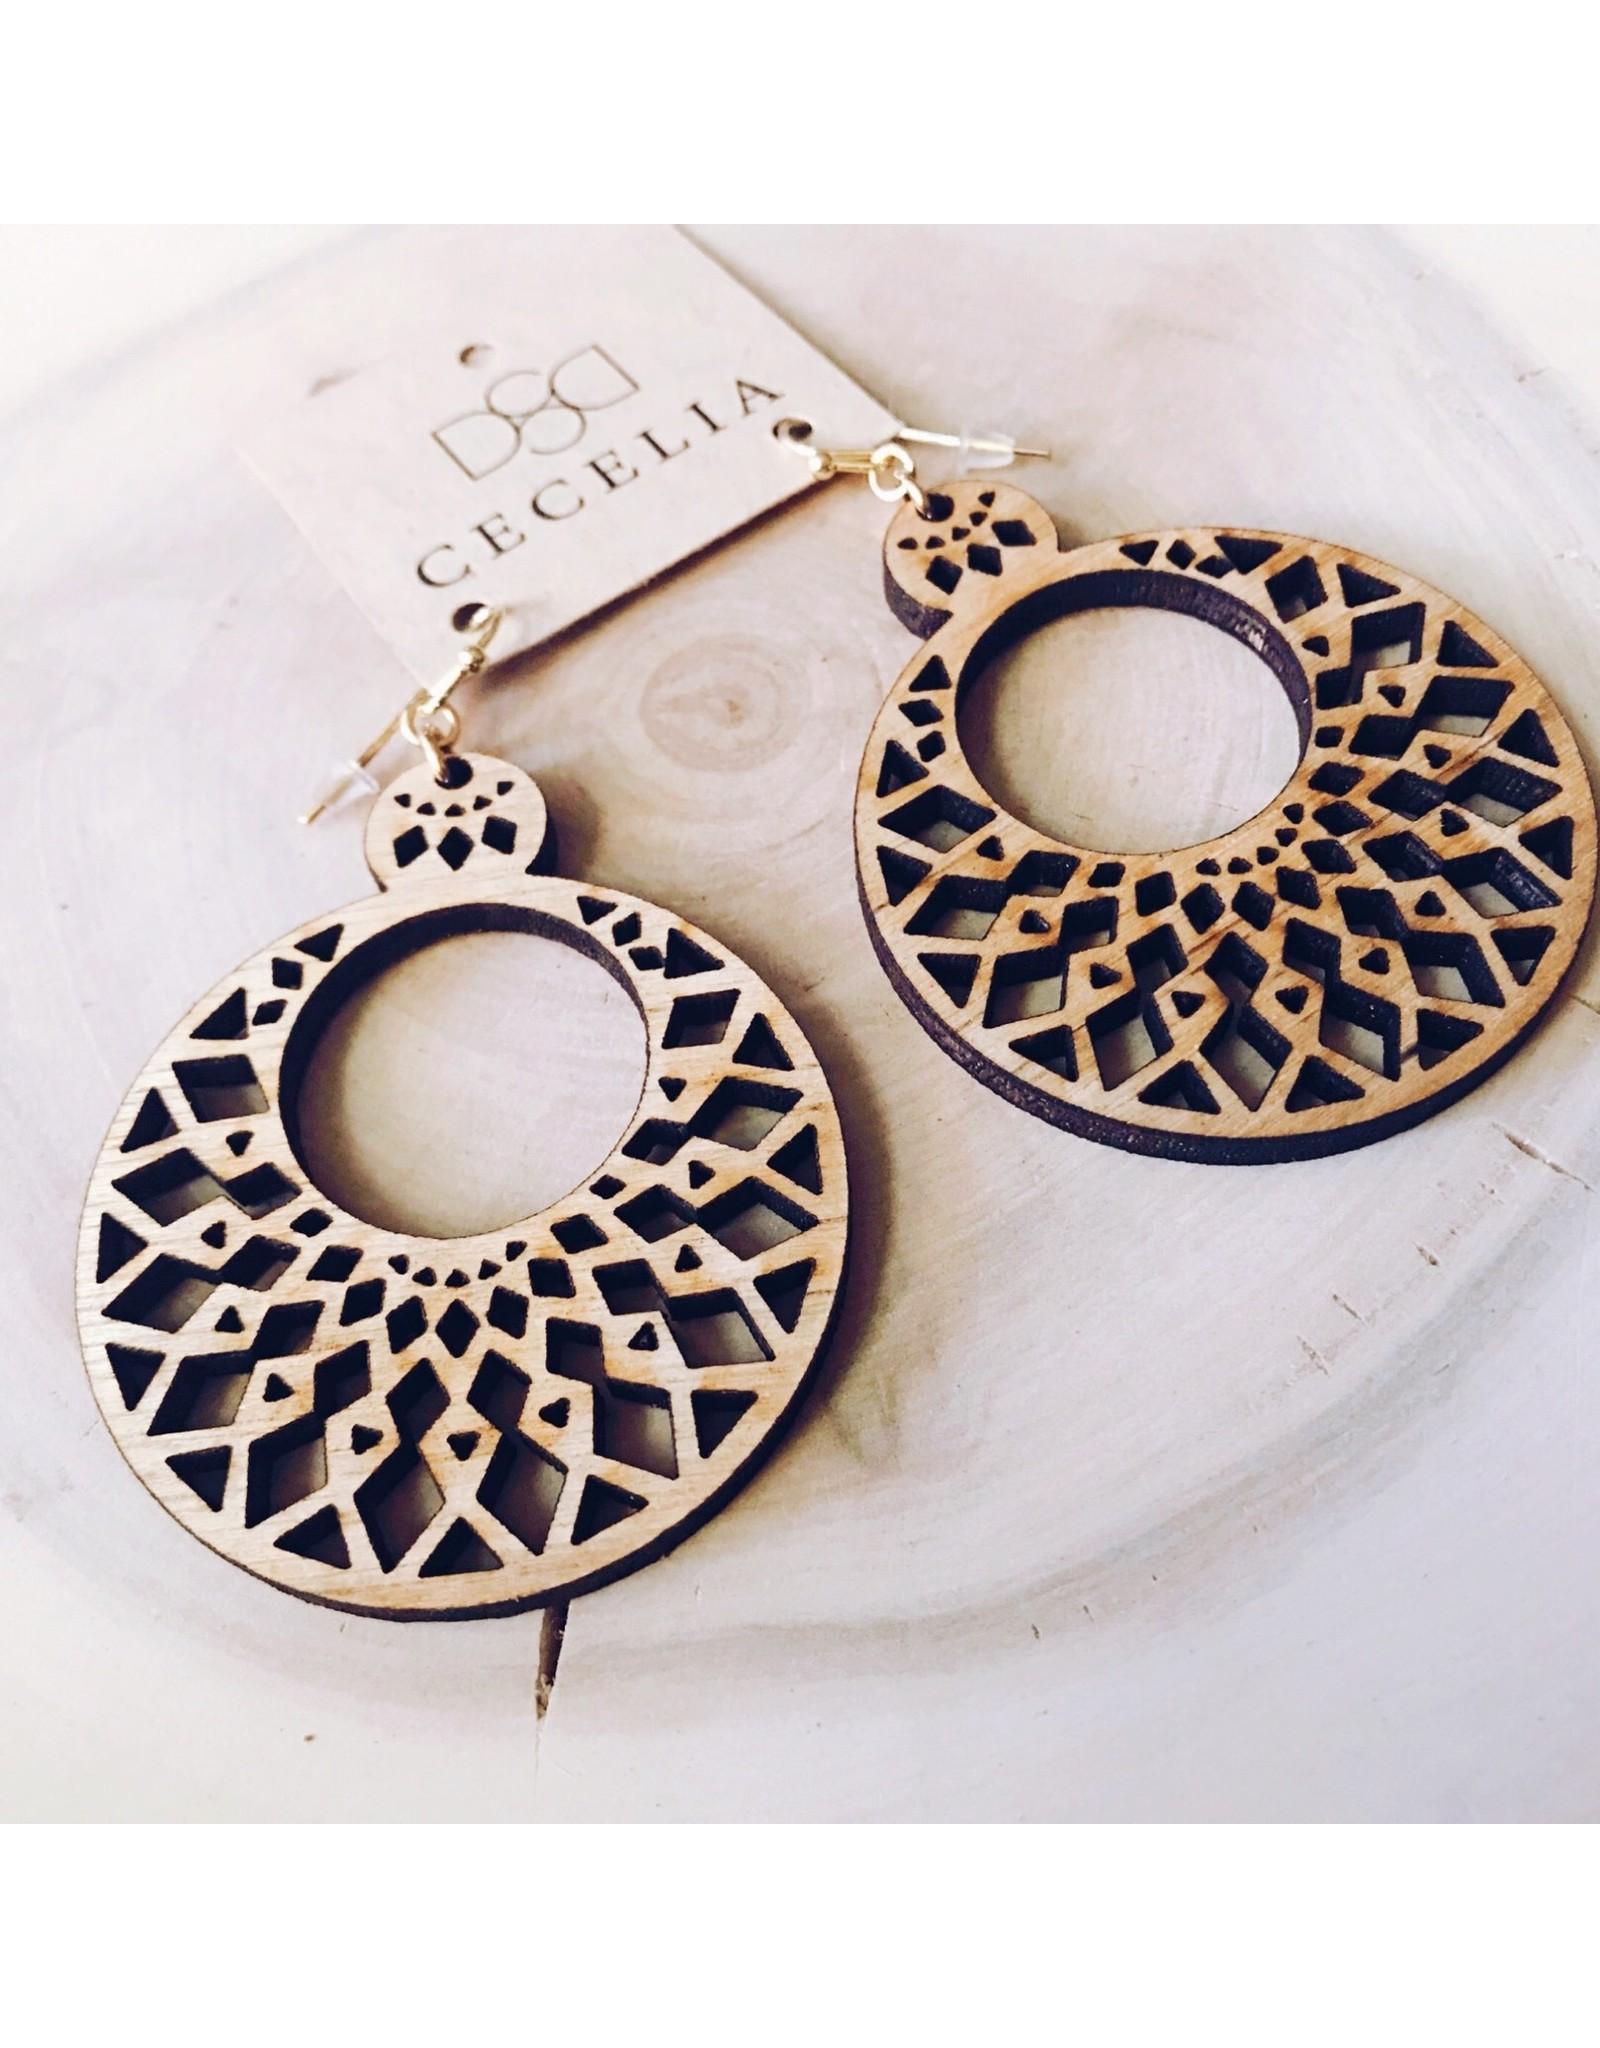 Cecelia Mandala Tiered Wooden Earrings